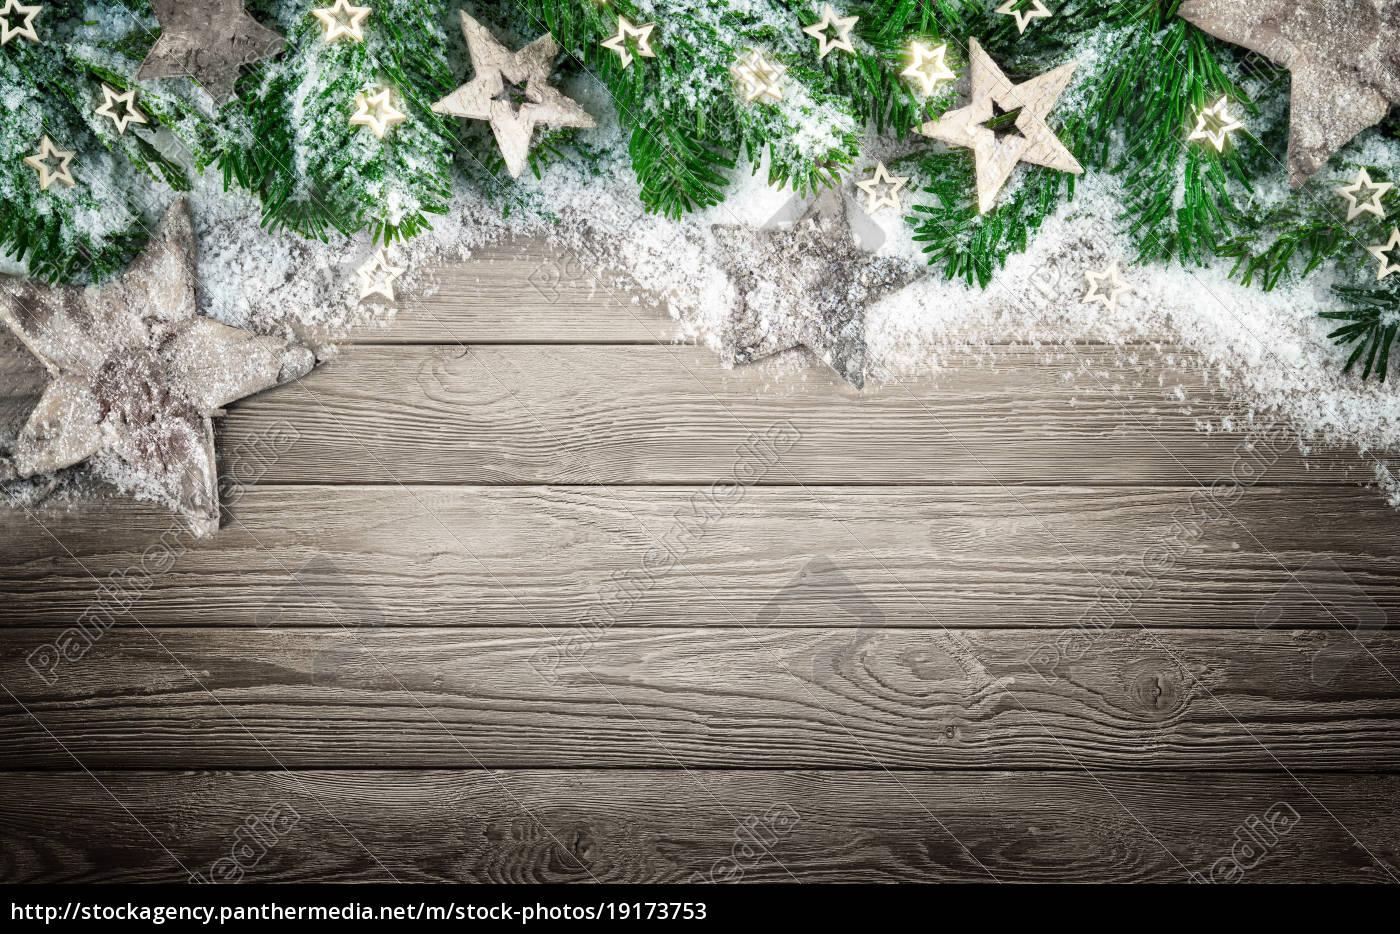 Weihnachten Hintergrund.Stockfoto 19173753 Hintergrund Für Weihnachten Und Advent Mit Holz Schnee Und